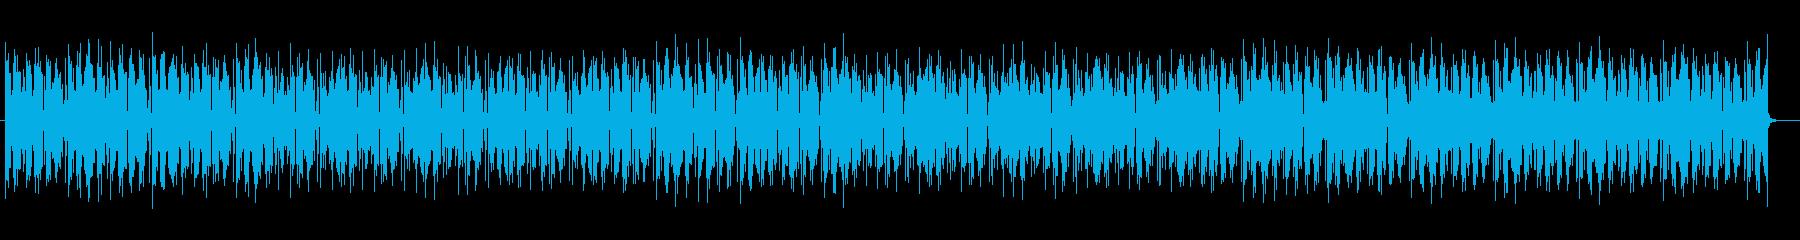 独特で不思議なゲームBGMの再生済みの波形